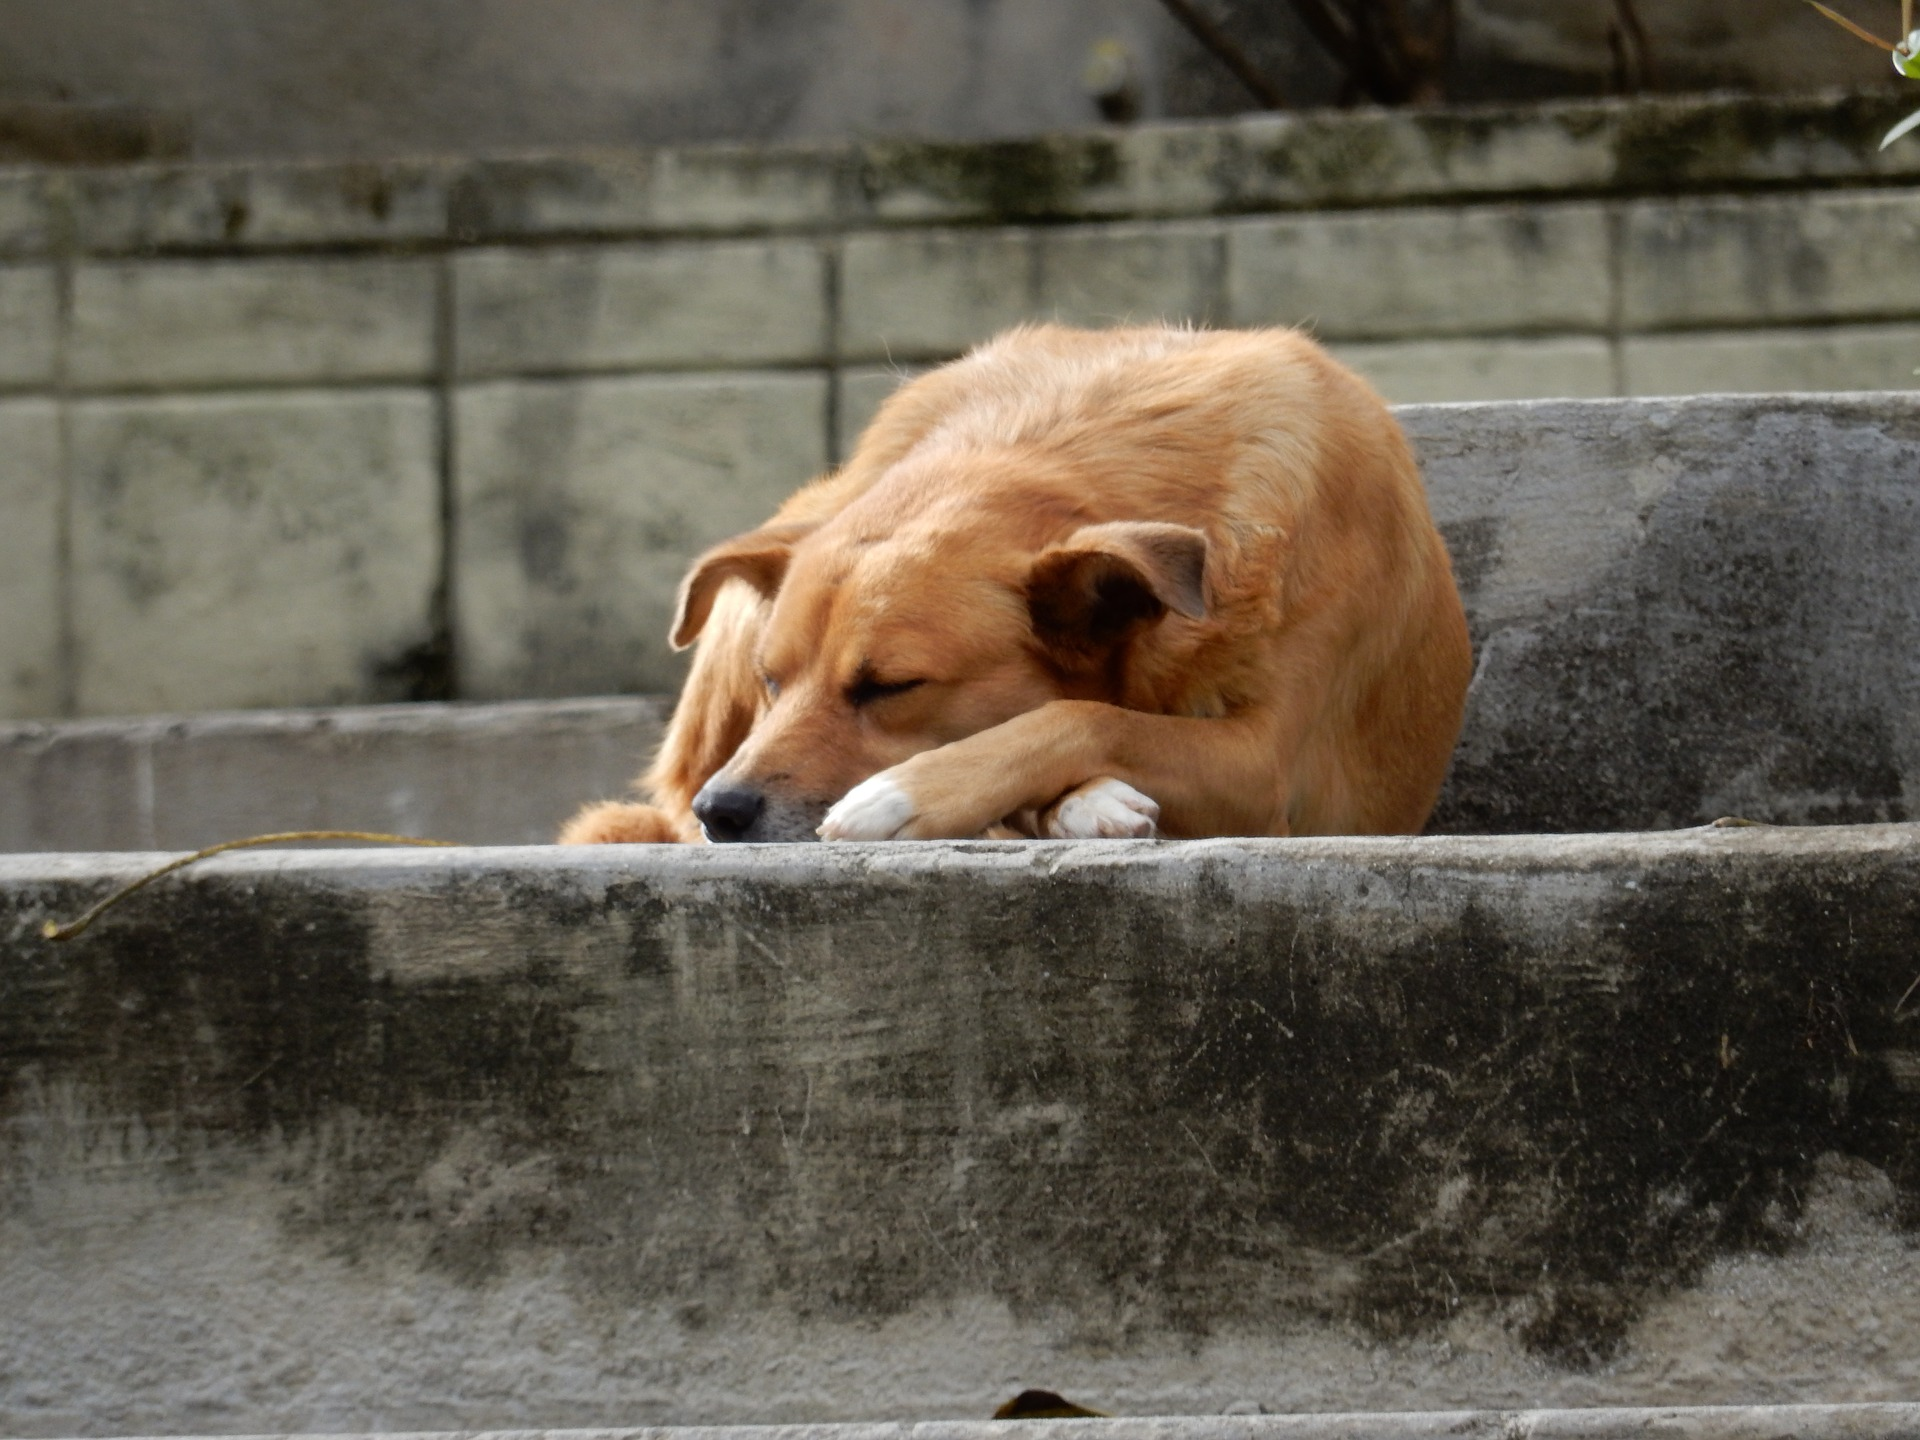 bezpański pies i wścieklizna